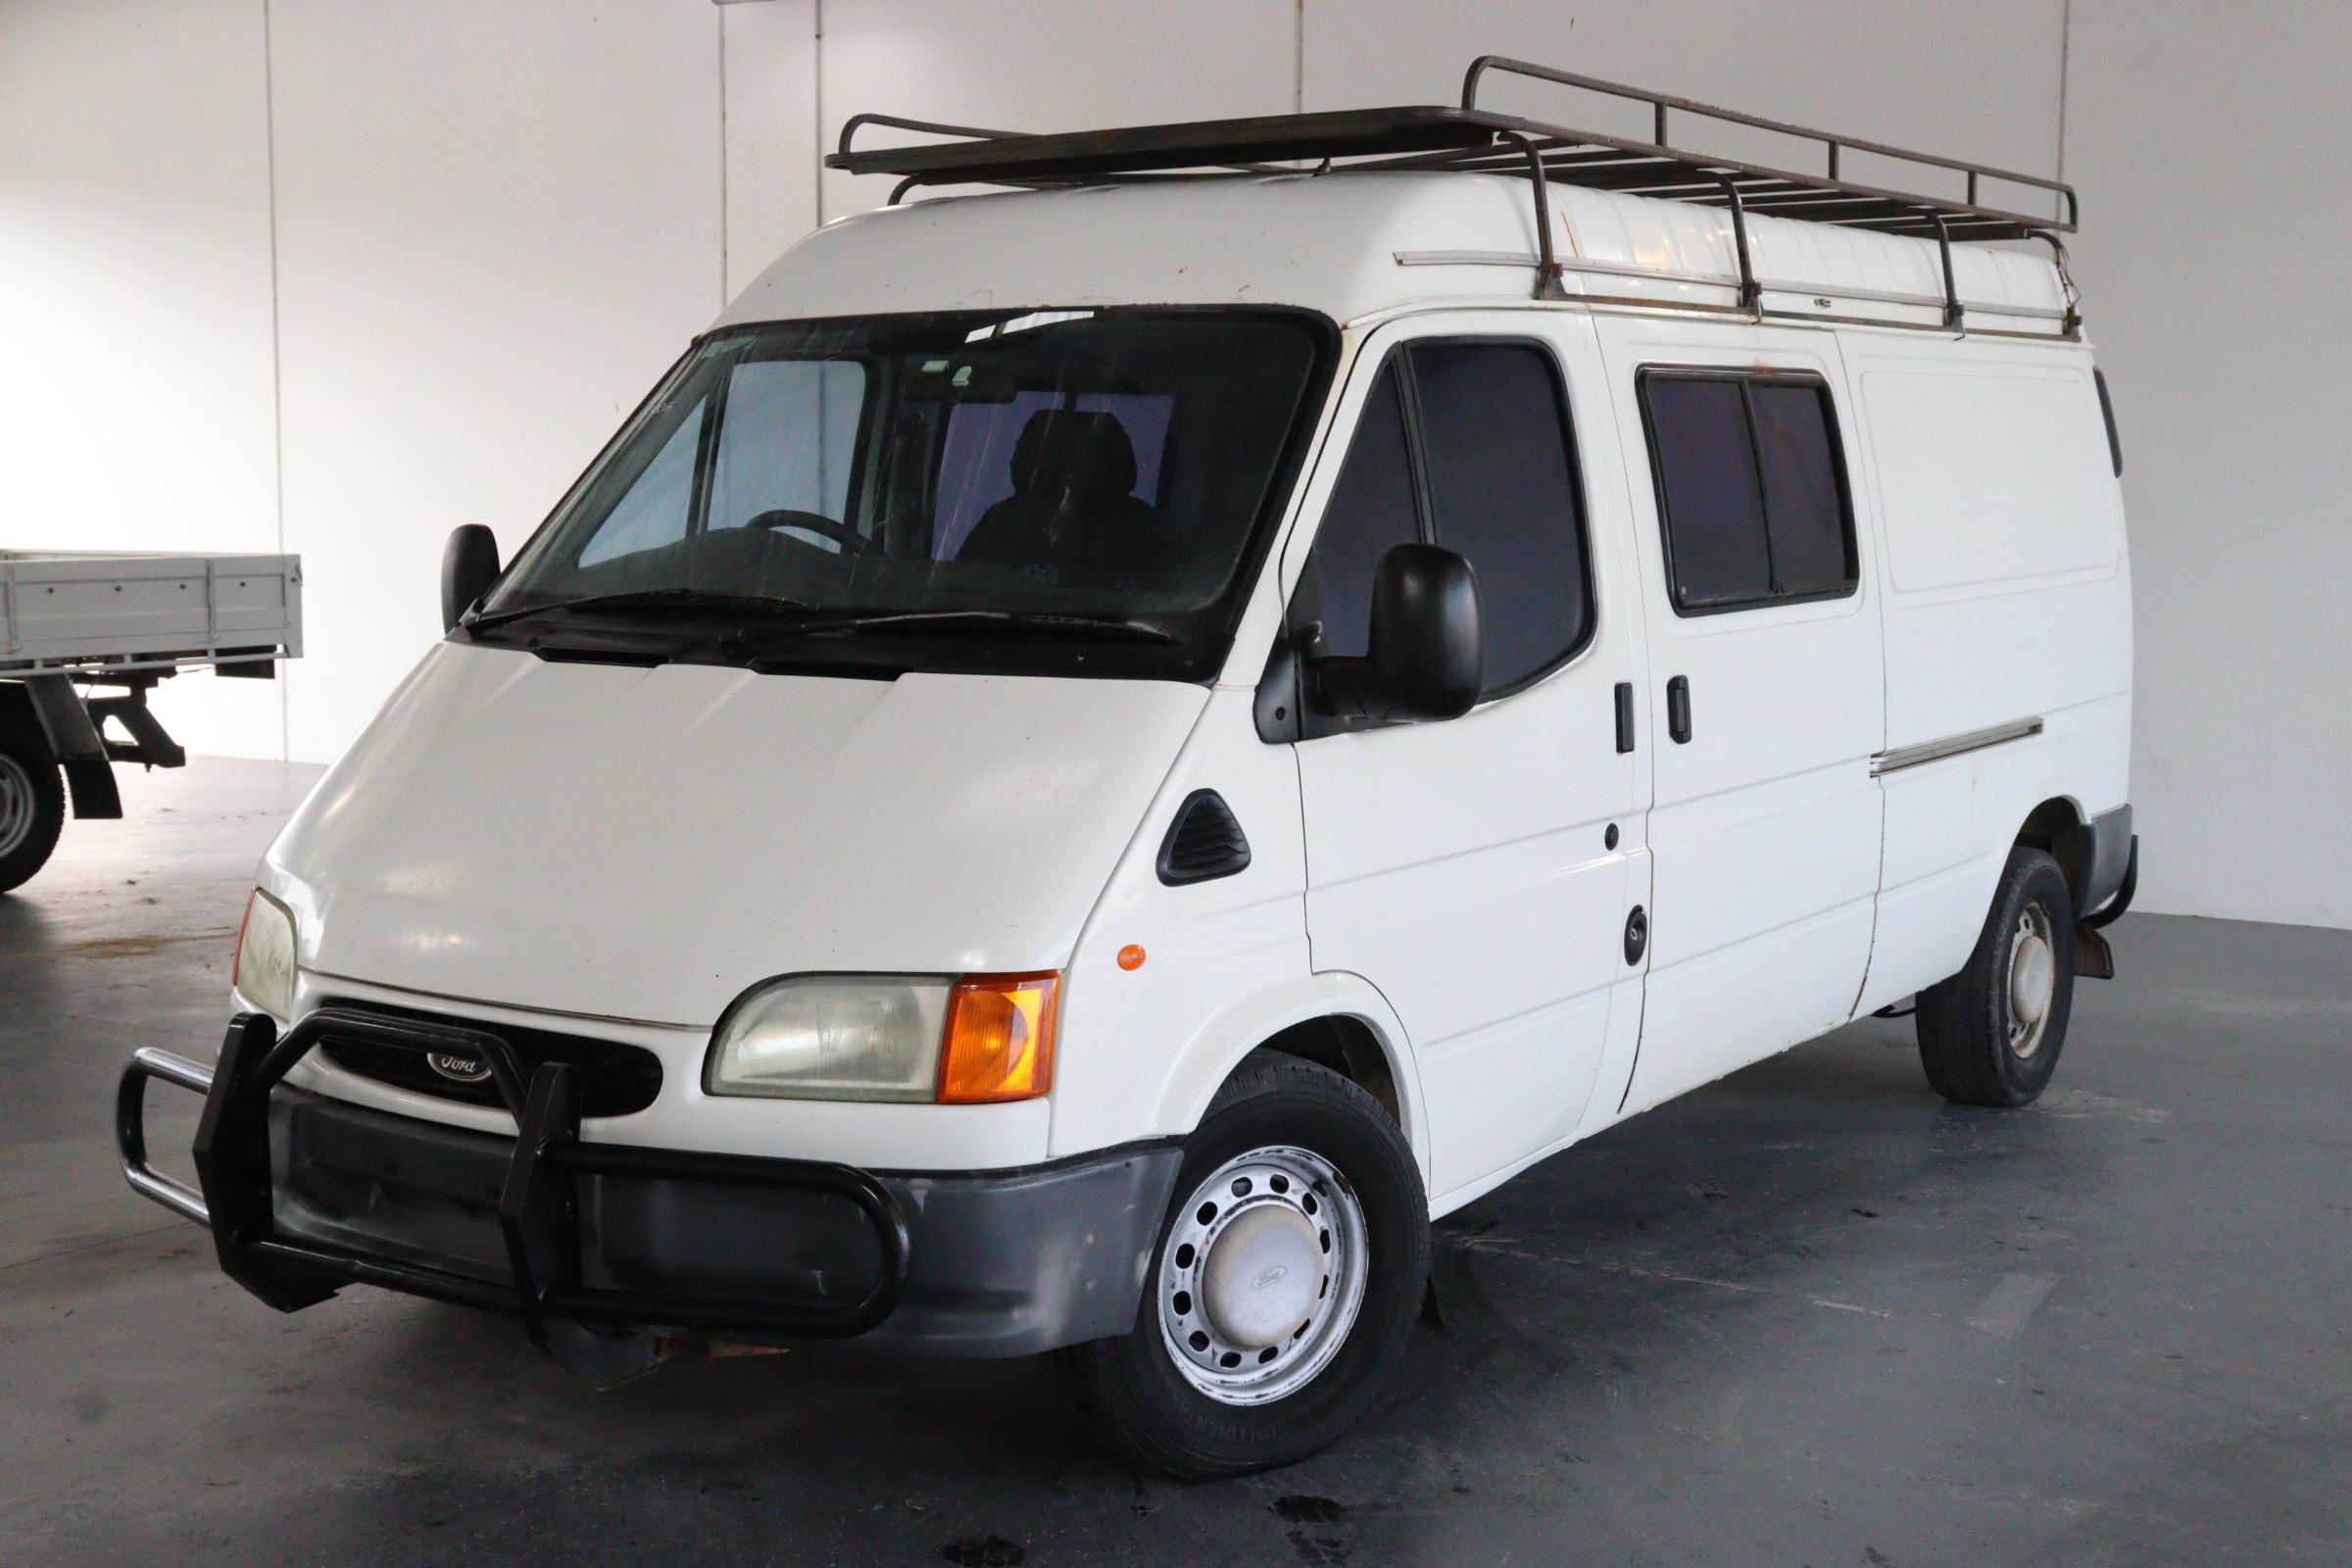 1998 Ford Transit MID (LWB) VG Turbo Diesel Manual Van